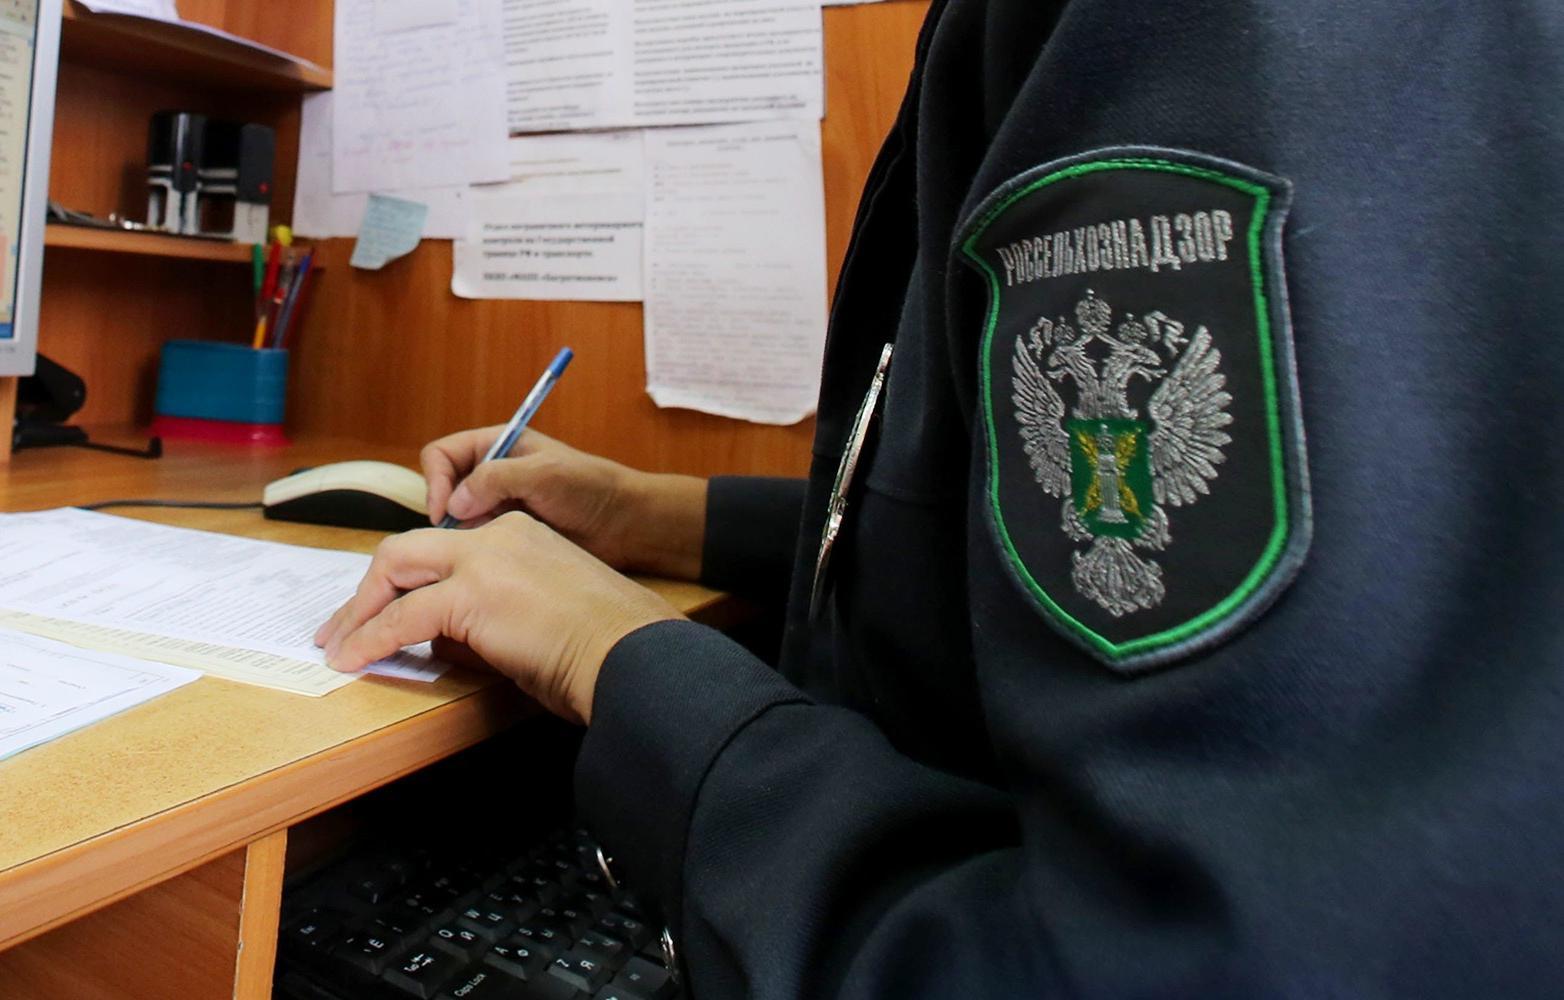 Фермерское хозяйство в Курской области нарушило требования техрегламента Таможенного союза - новости Афанасий